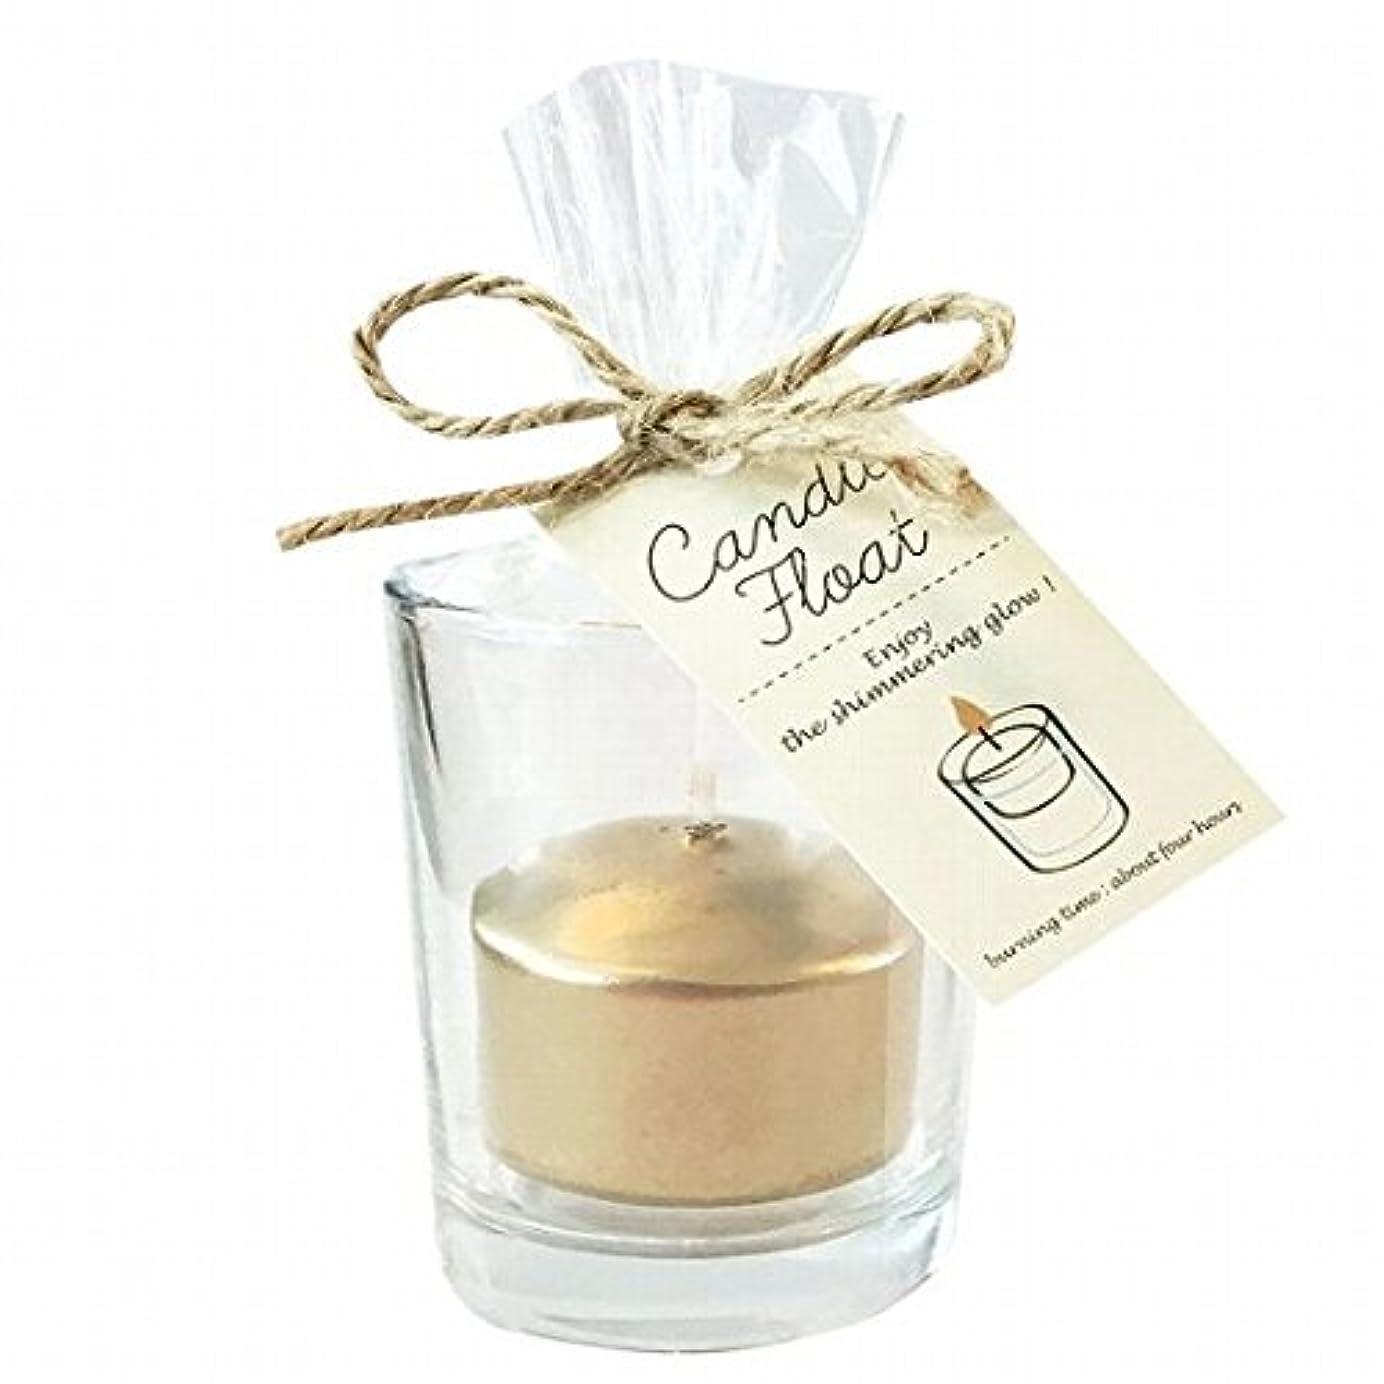 先巻き戻すまだらkameyama candle(カメヤマキャンドル) キャンドルフロート 「ゴールド」6個セット(A7770100GO)